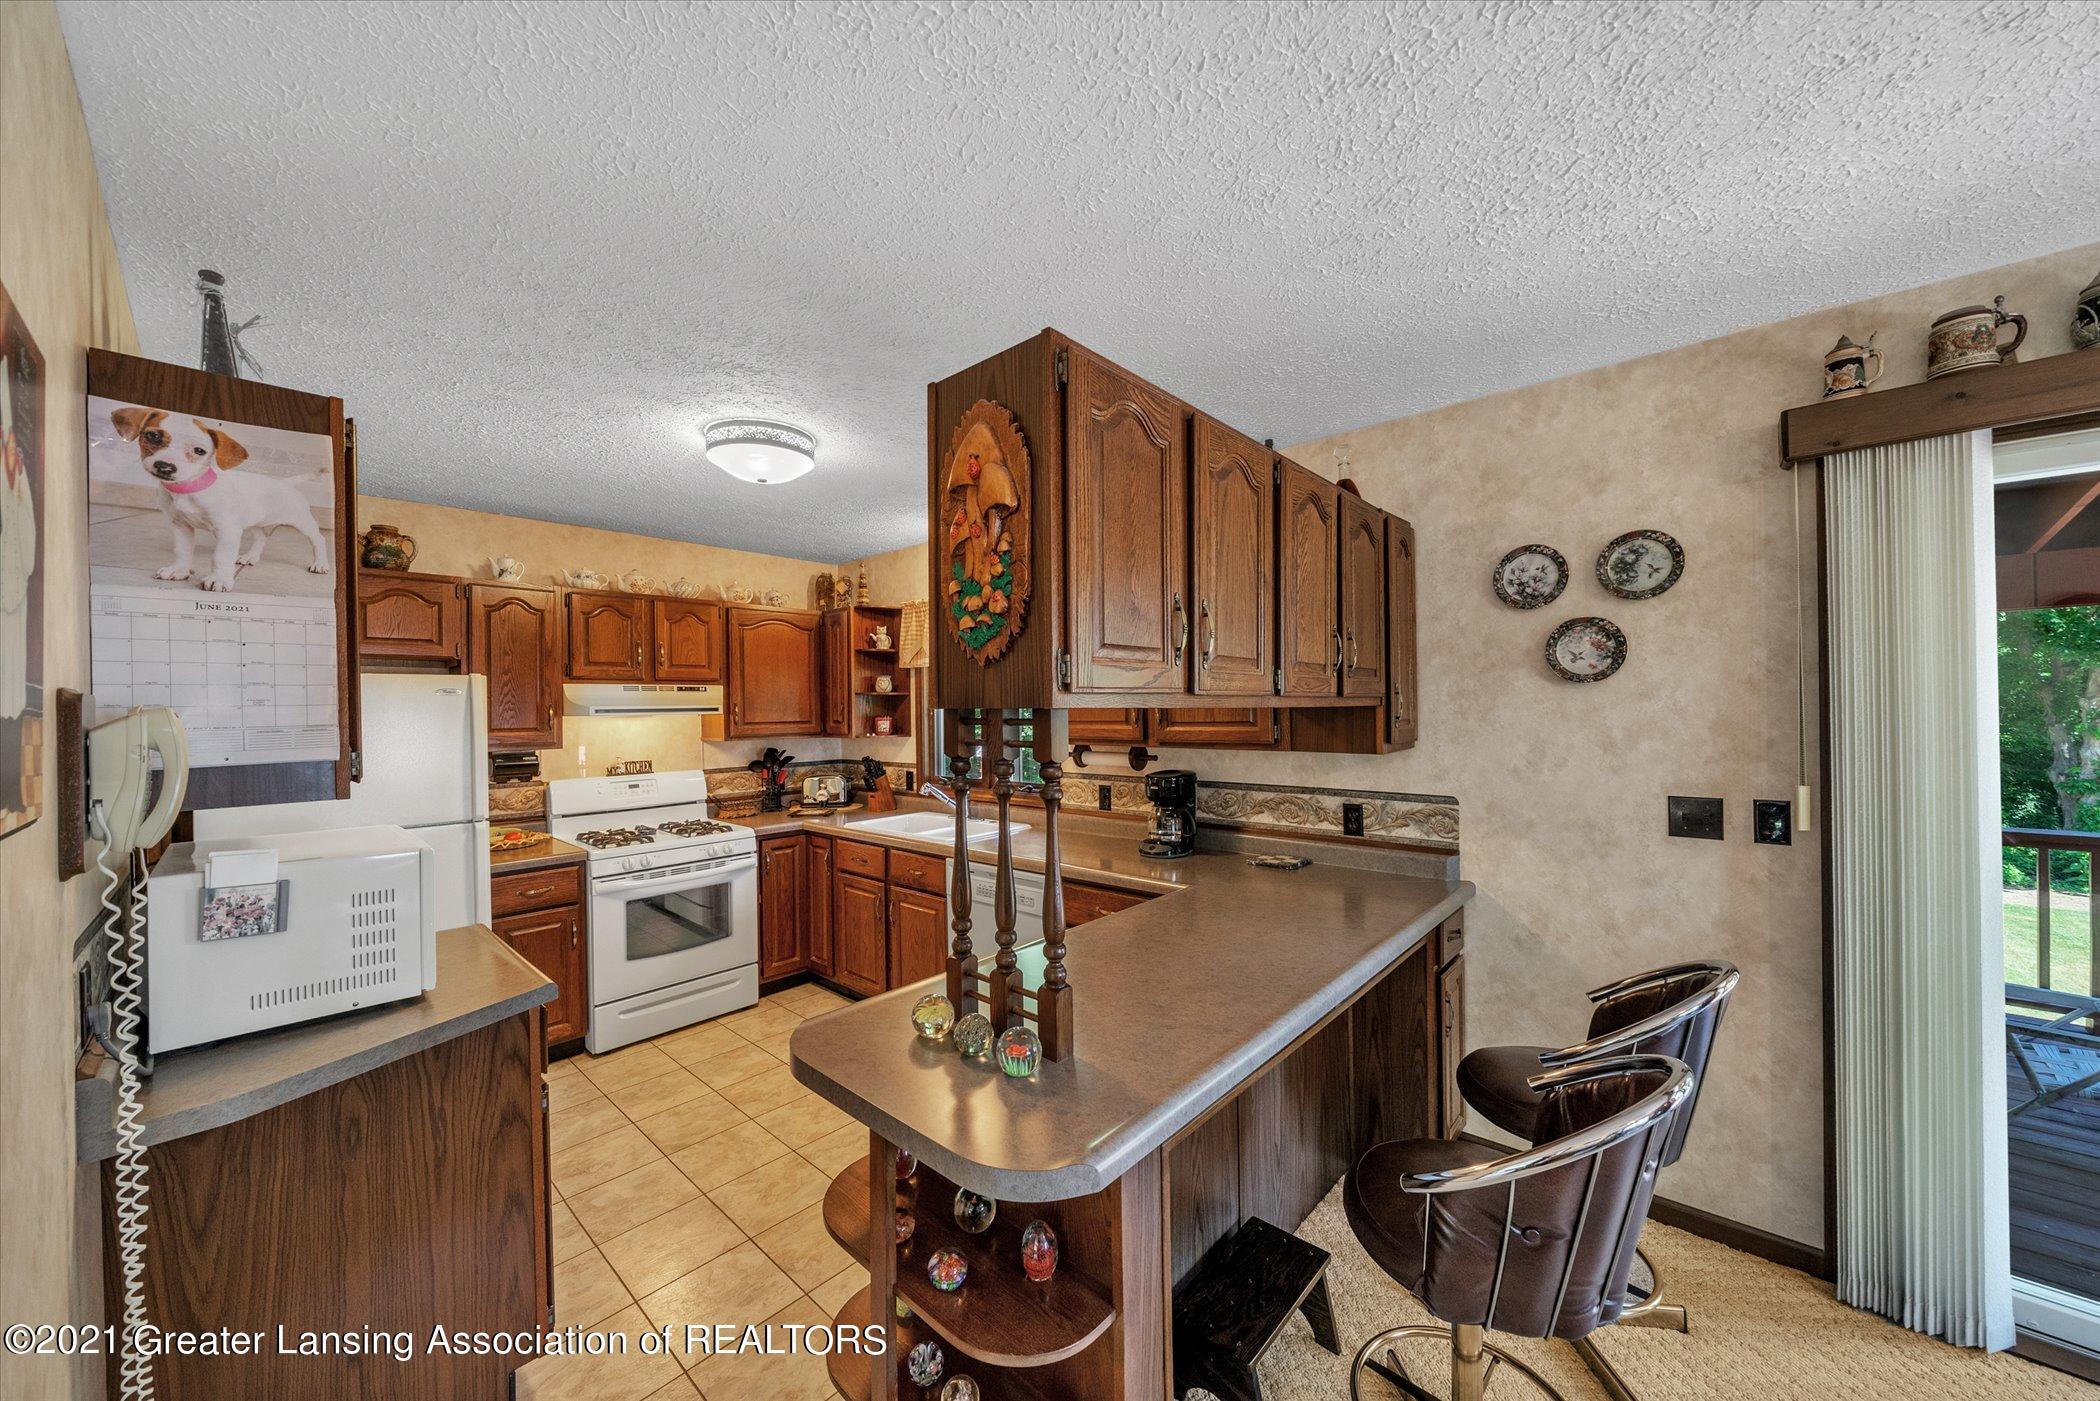 7851 S Cochran Rd - (18) MAIN FLOOR Kitchen - 18